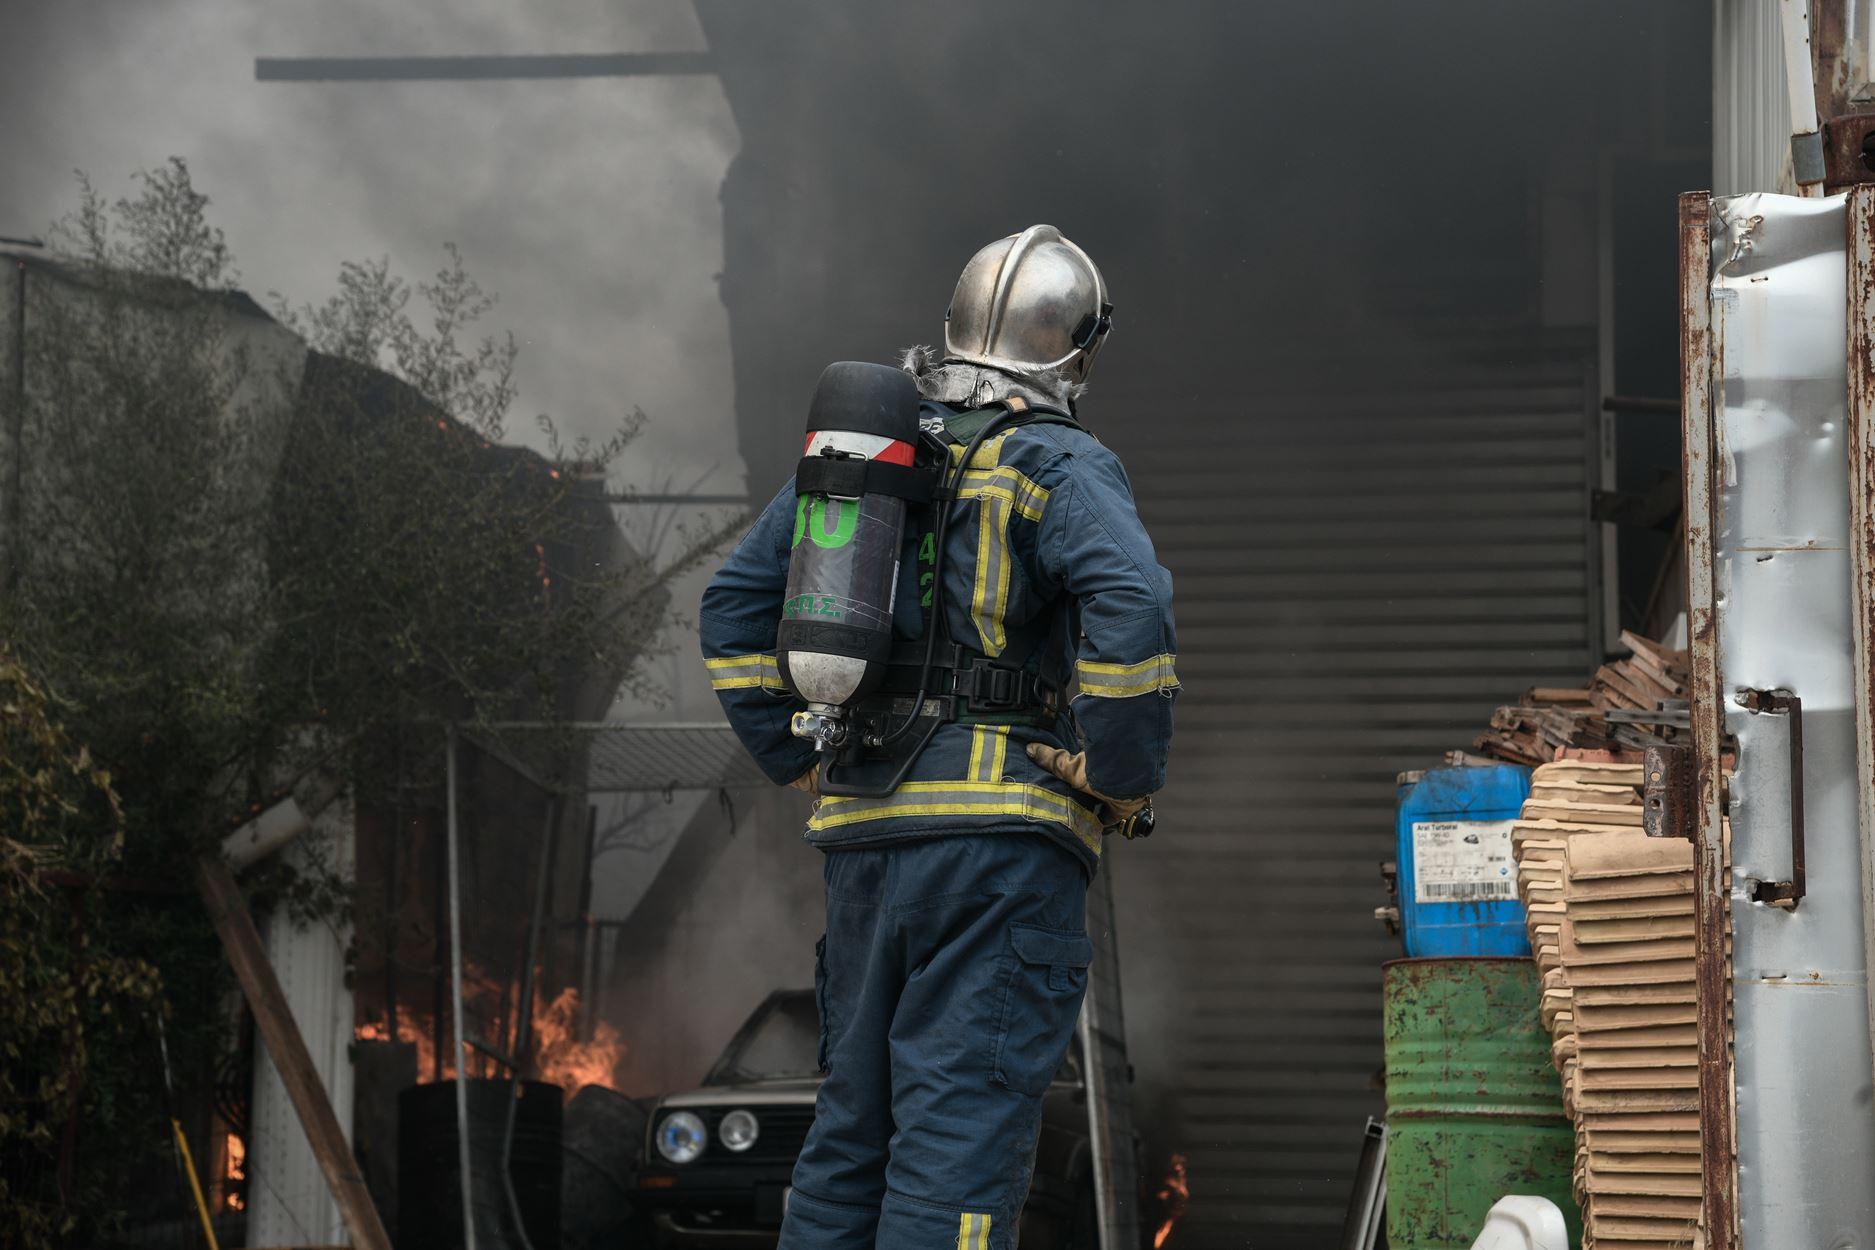 Προς σαρωτικές αλλαγές στην Πυροσβεστική